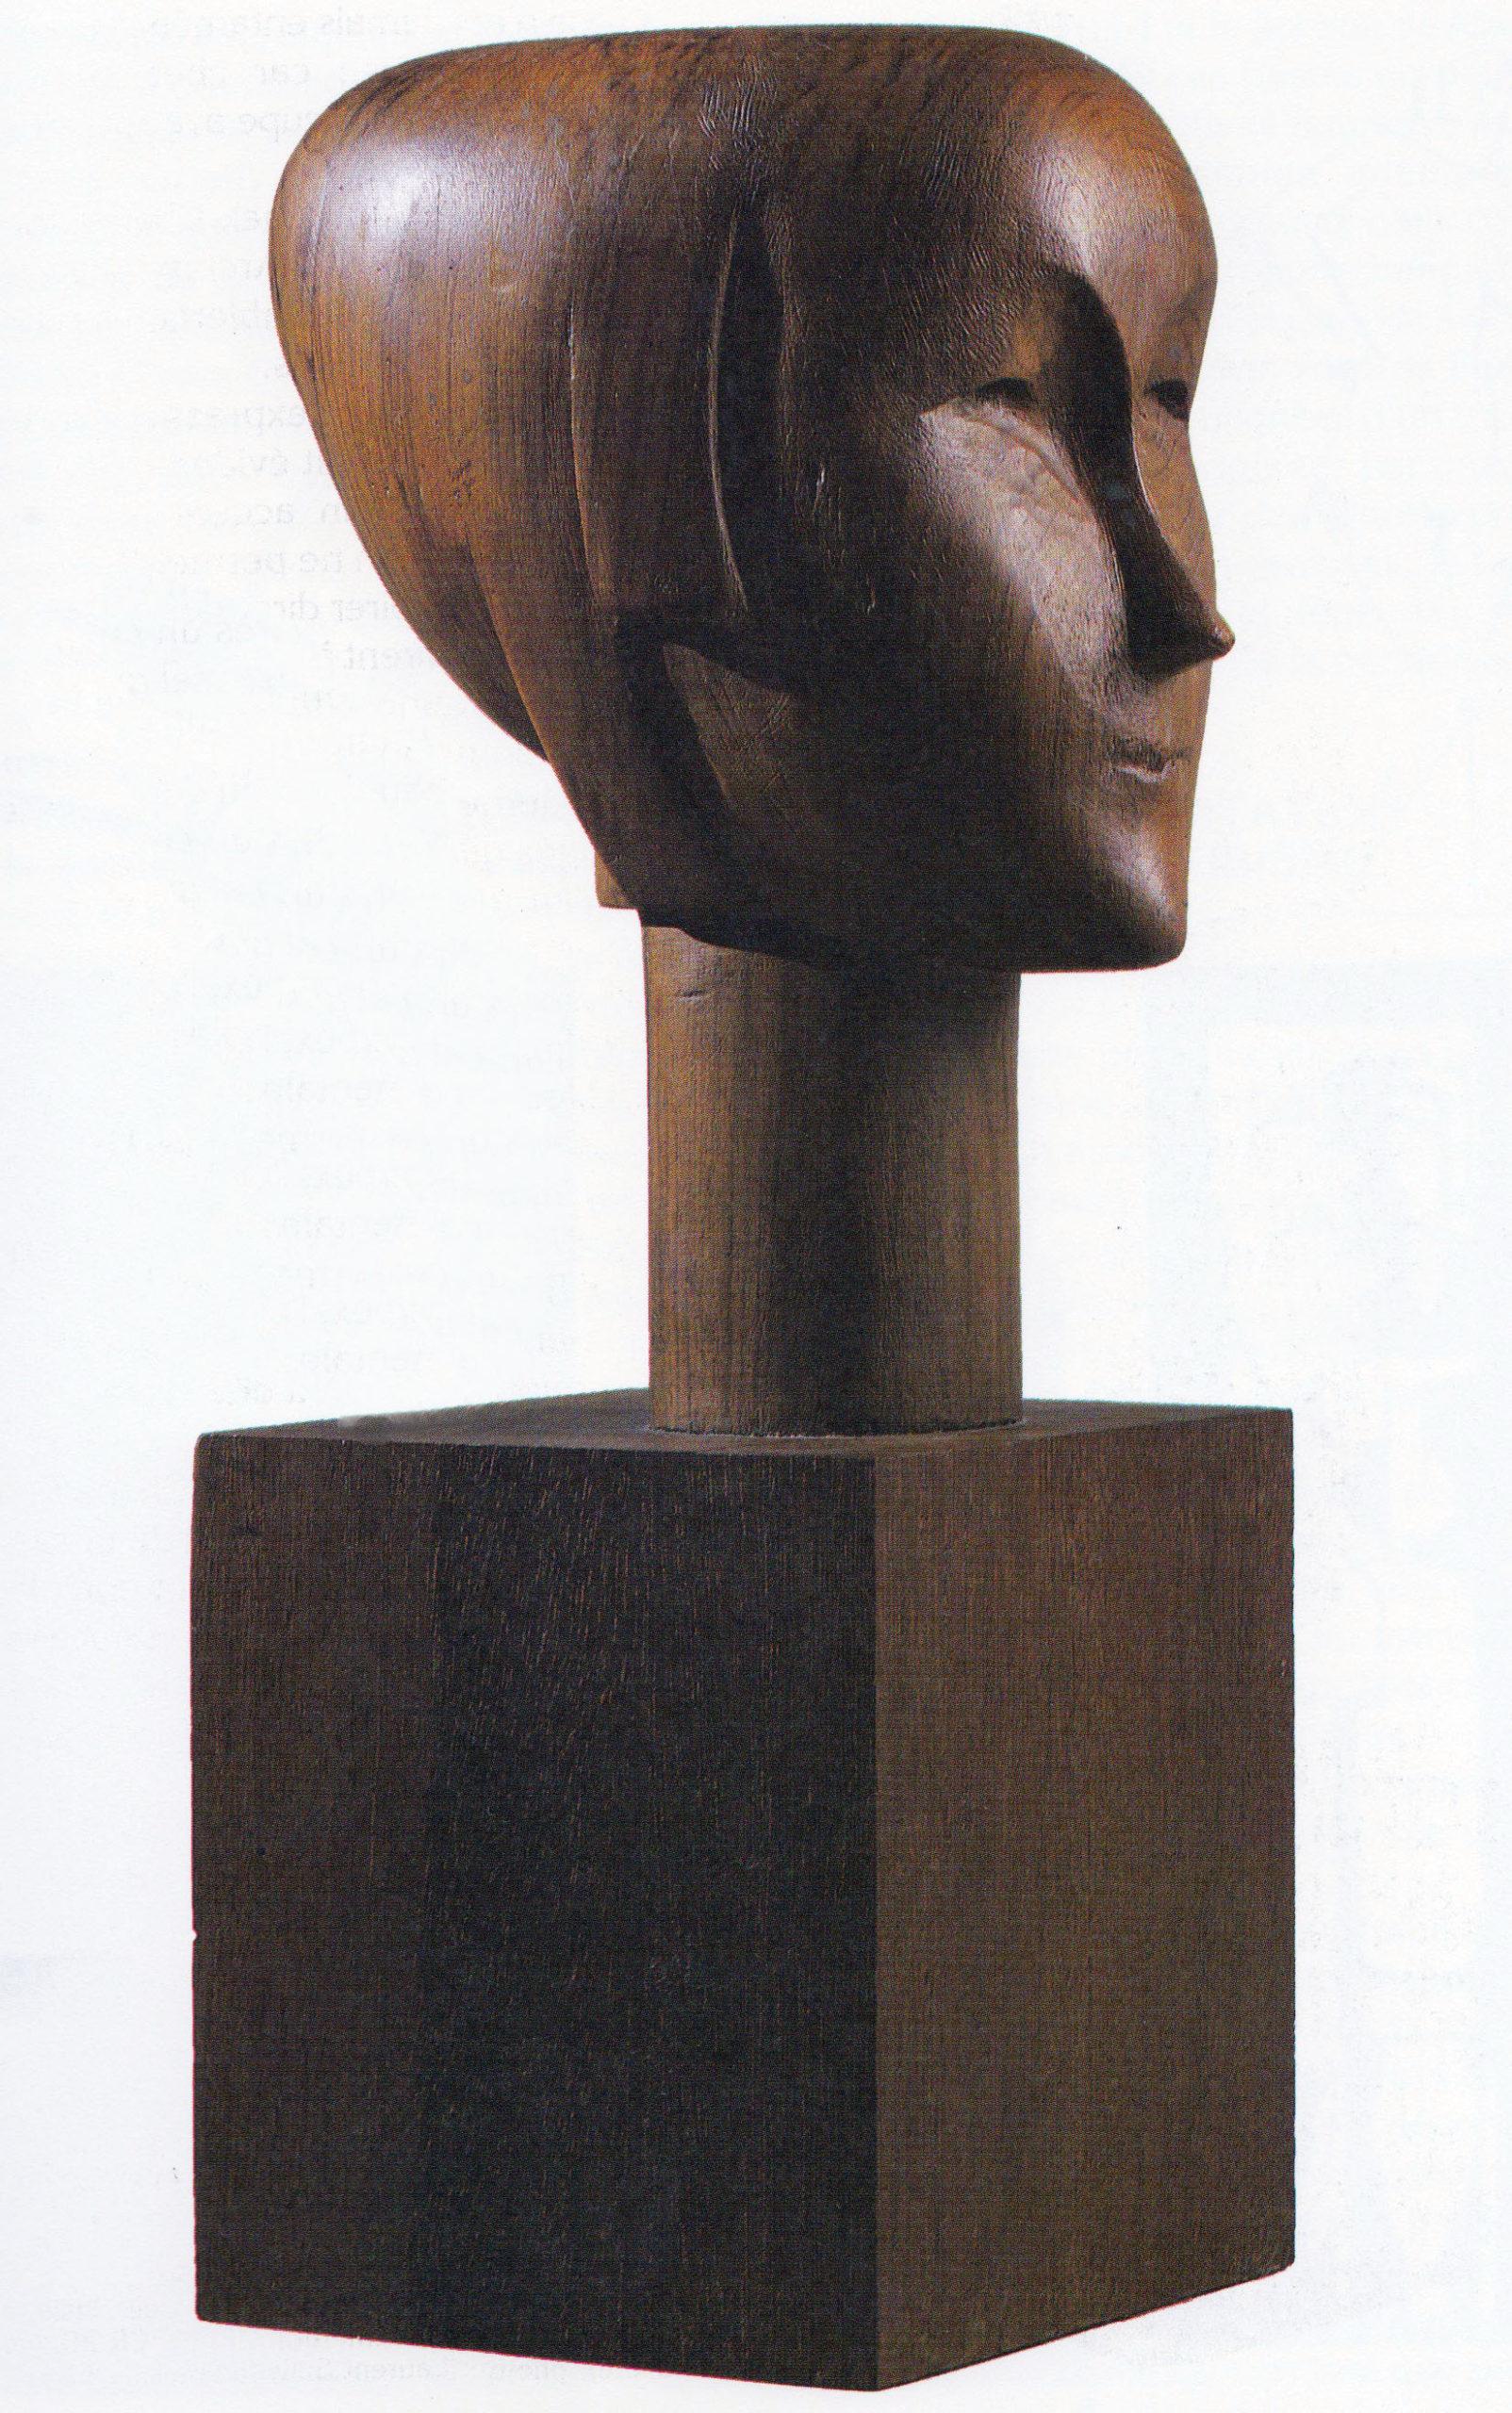 Sérénité 1916 - Bois sculpté poli, taille directe 47,5x16,6x22cm Coll. part.